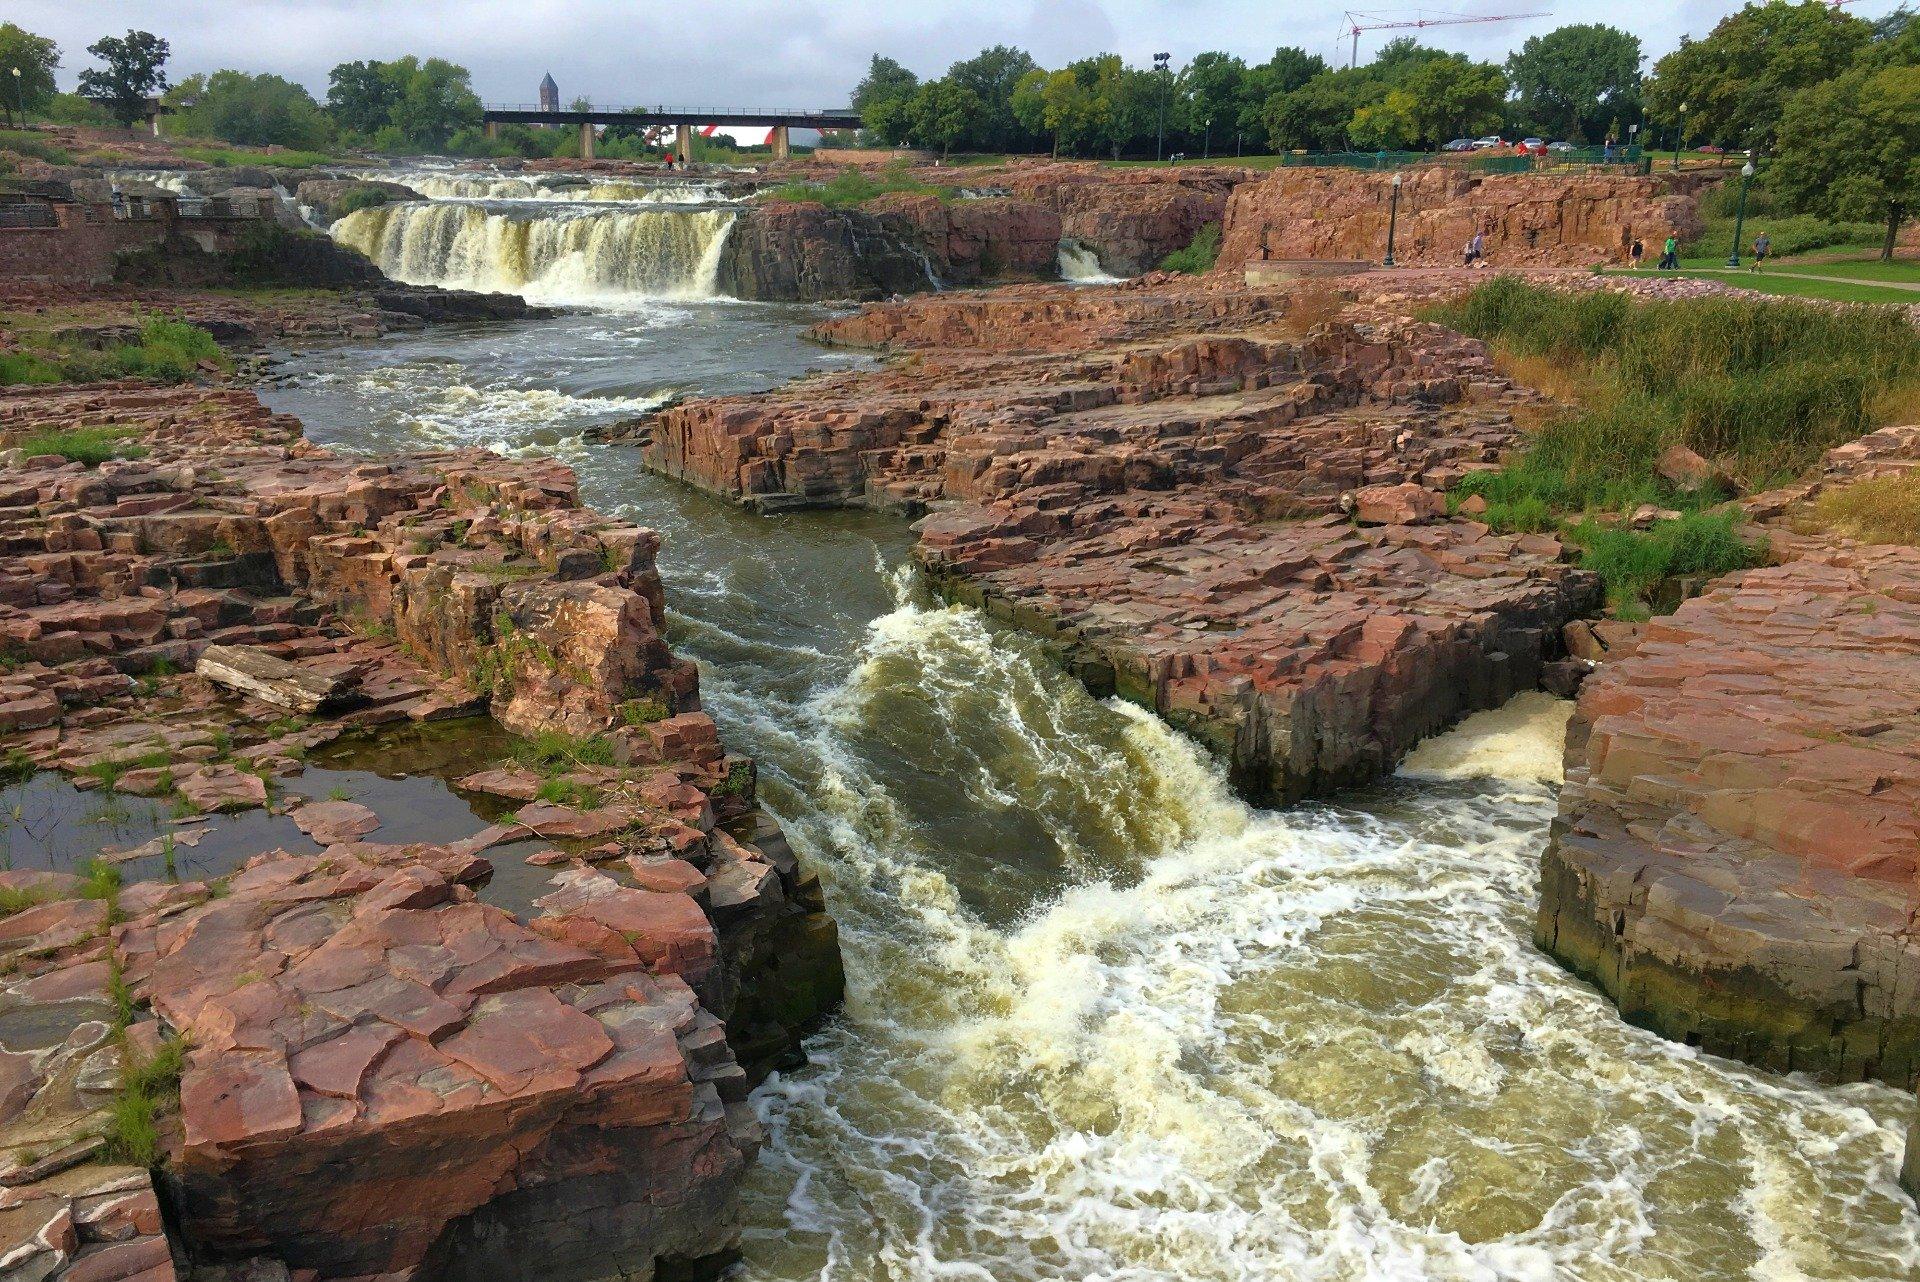 The falls at Sioux Falls SD